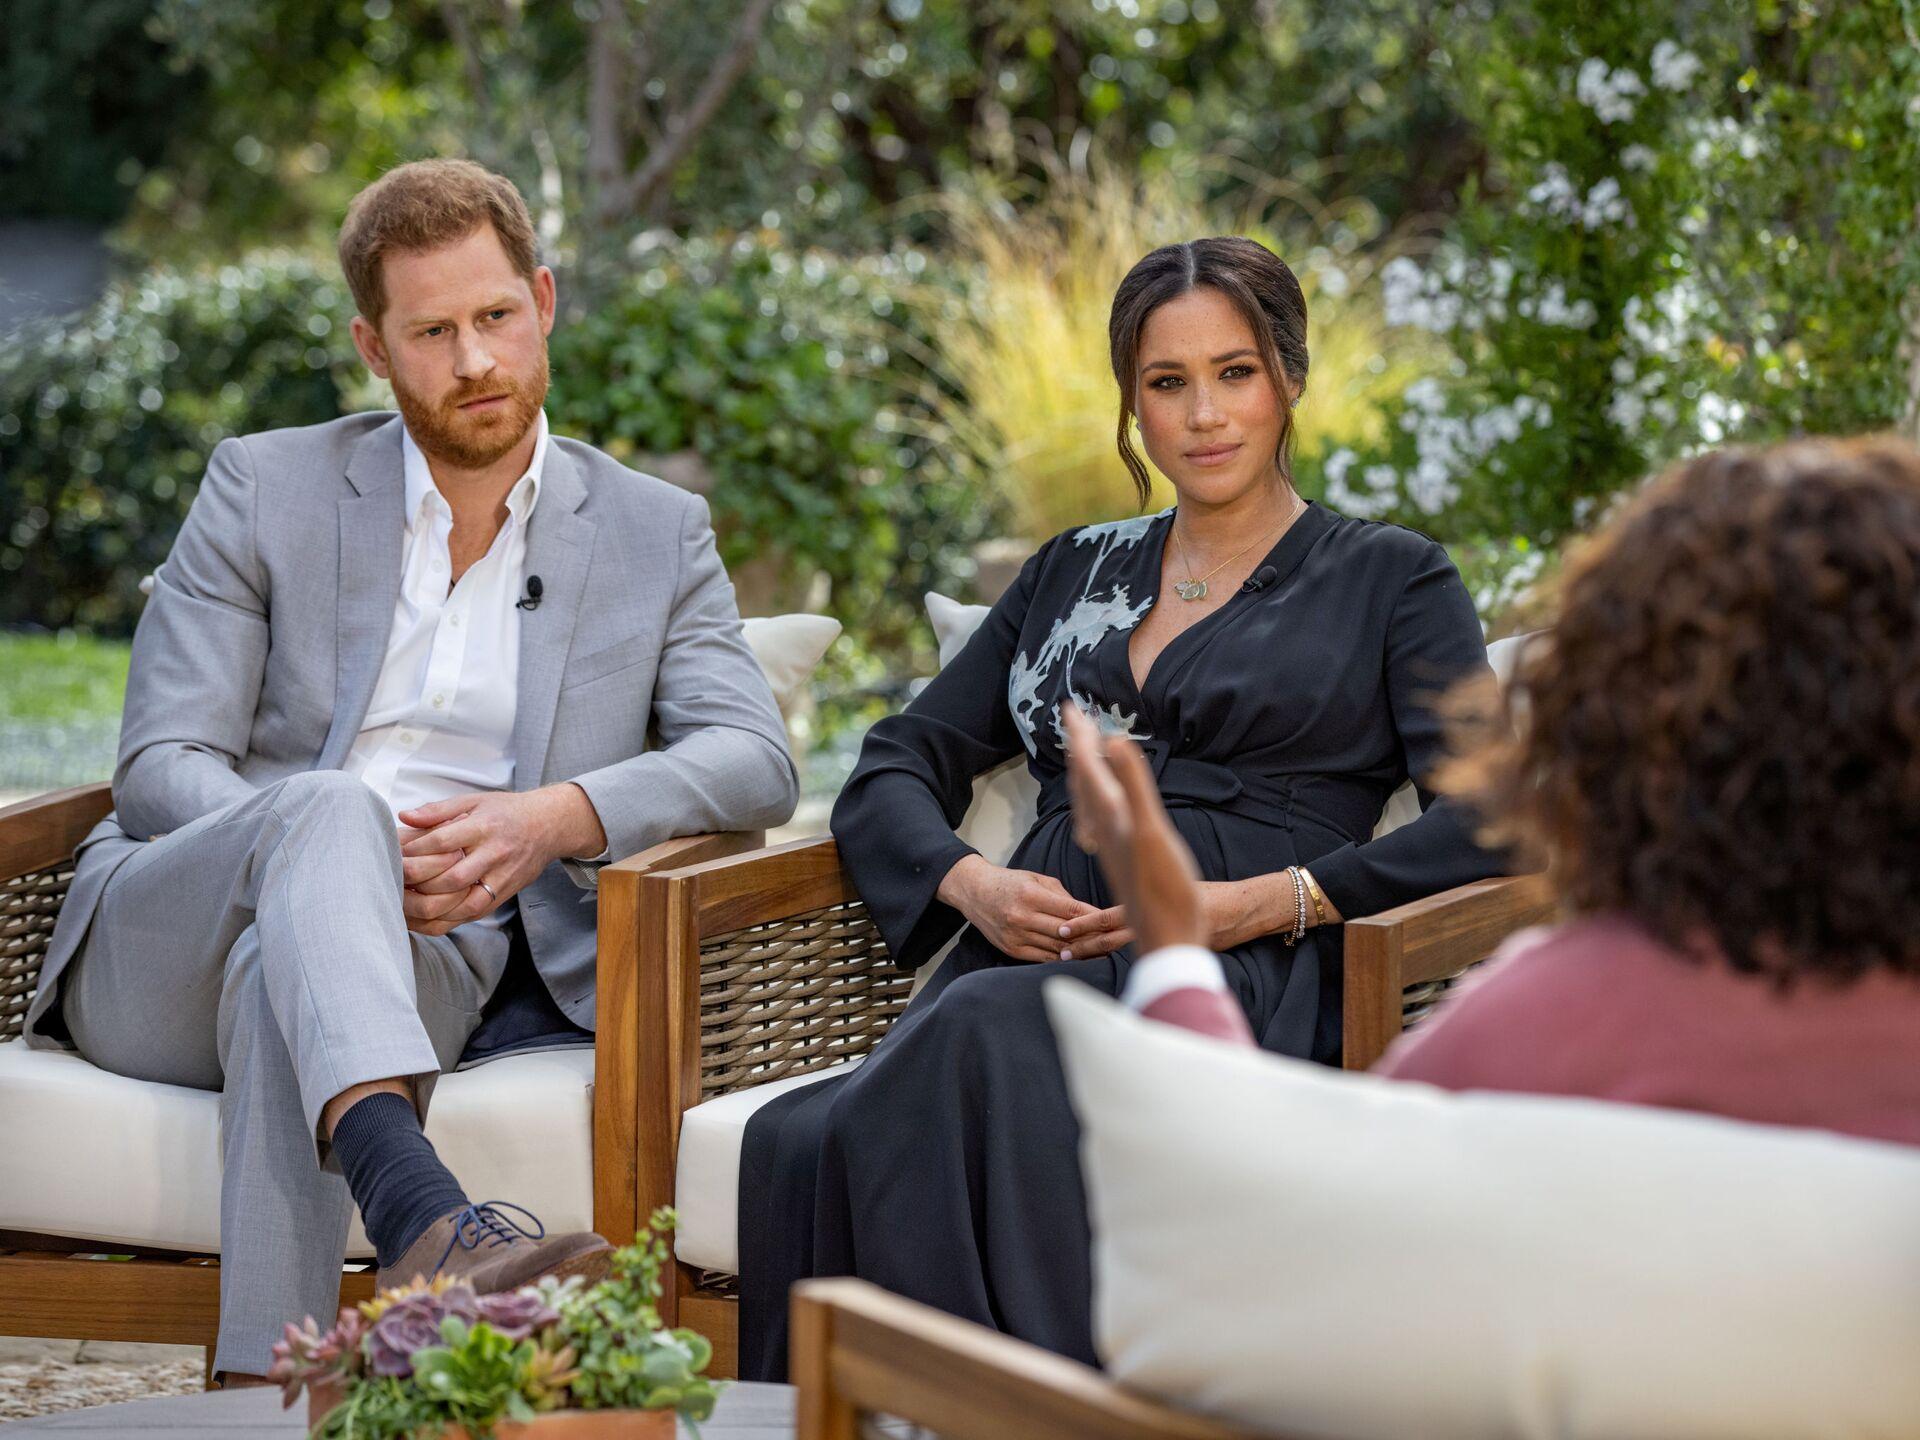 Hoàng tử Harry với vợ Meghan Markle trong cuộc phỏng vấn với Oprah Winfrey - Sputnik Việt Nam, 1920, 05.10.2021